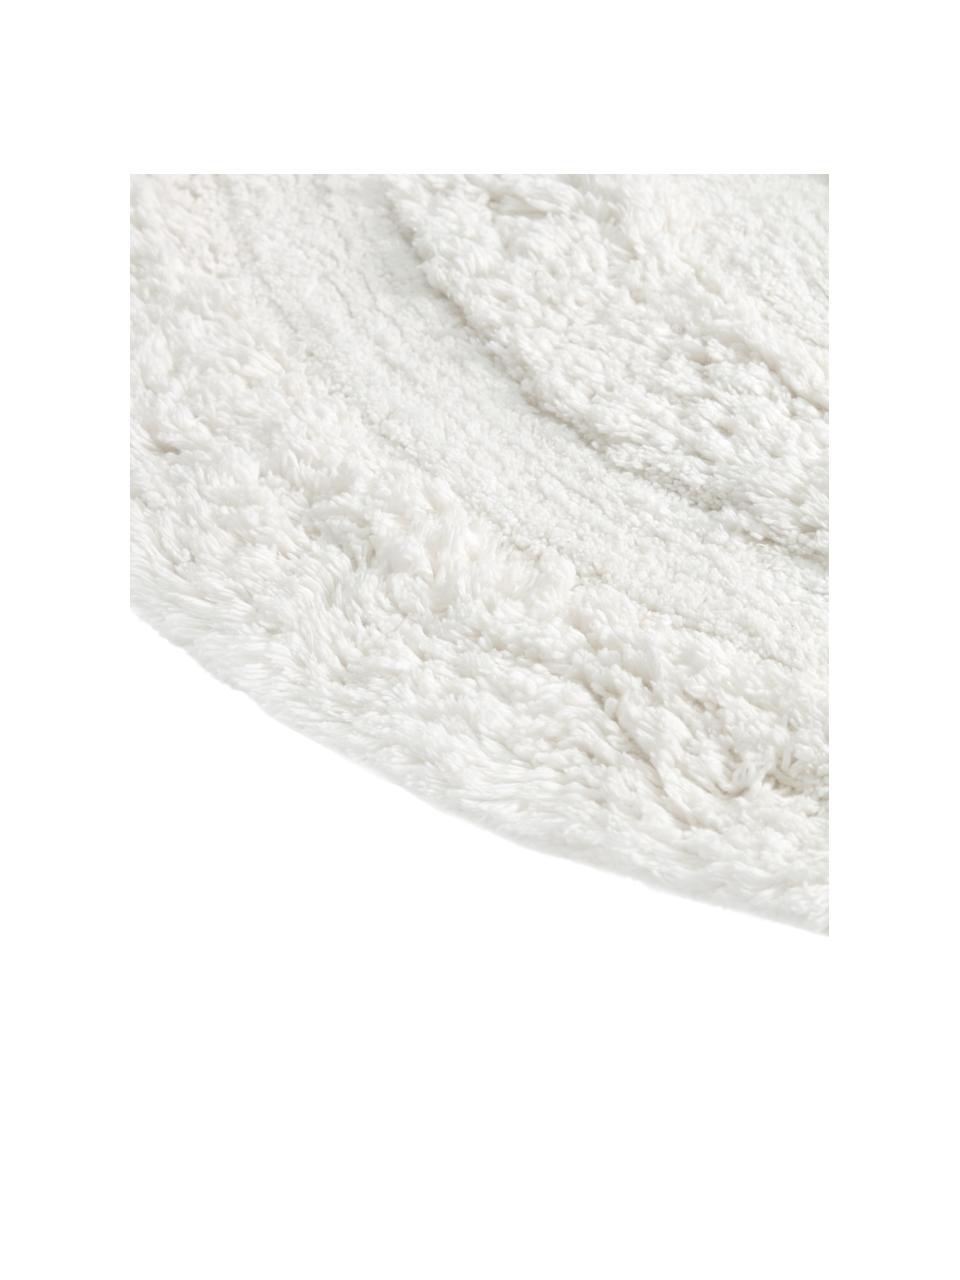 Runder Teppich Eligia mit Hoch-Tief-Effekt, 100% Baumwolle, Weiß, Ø 120 cm (Größe S)